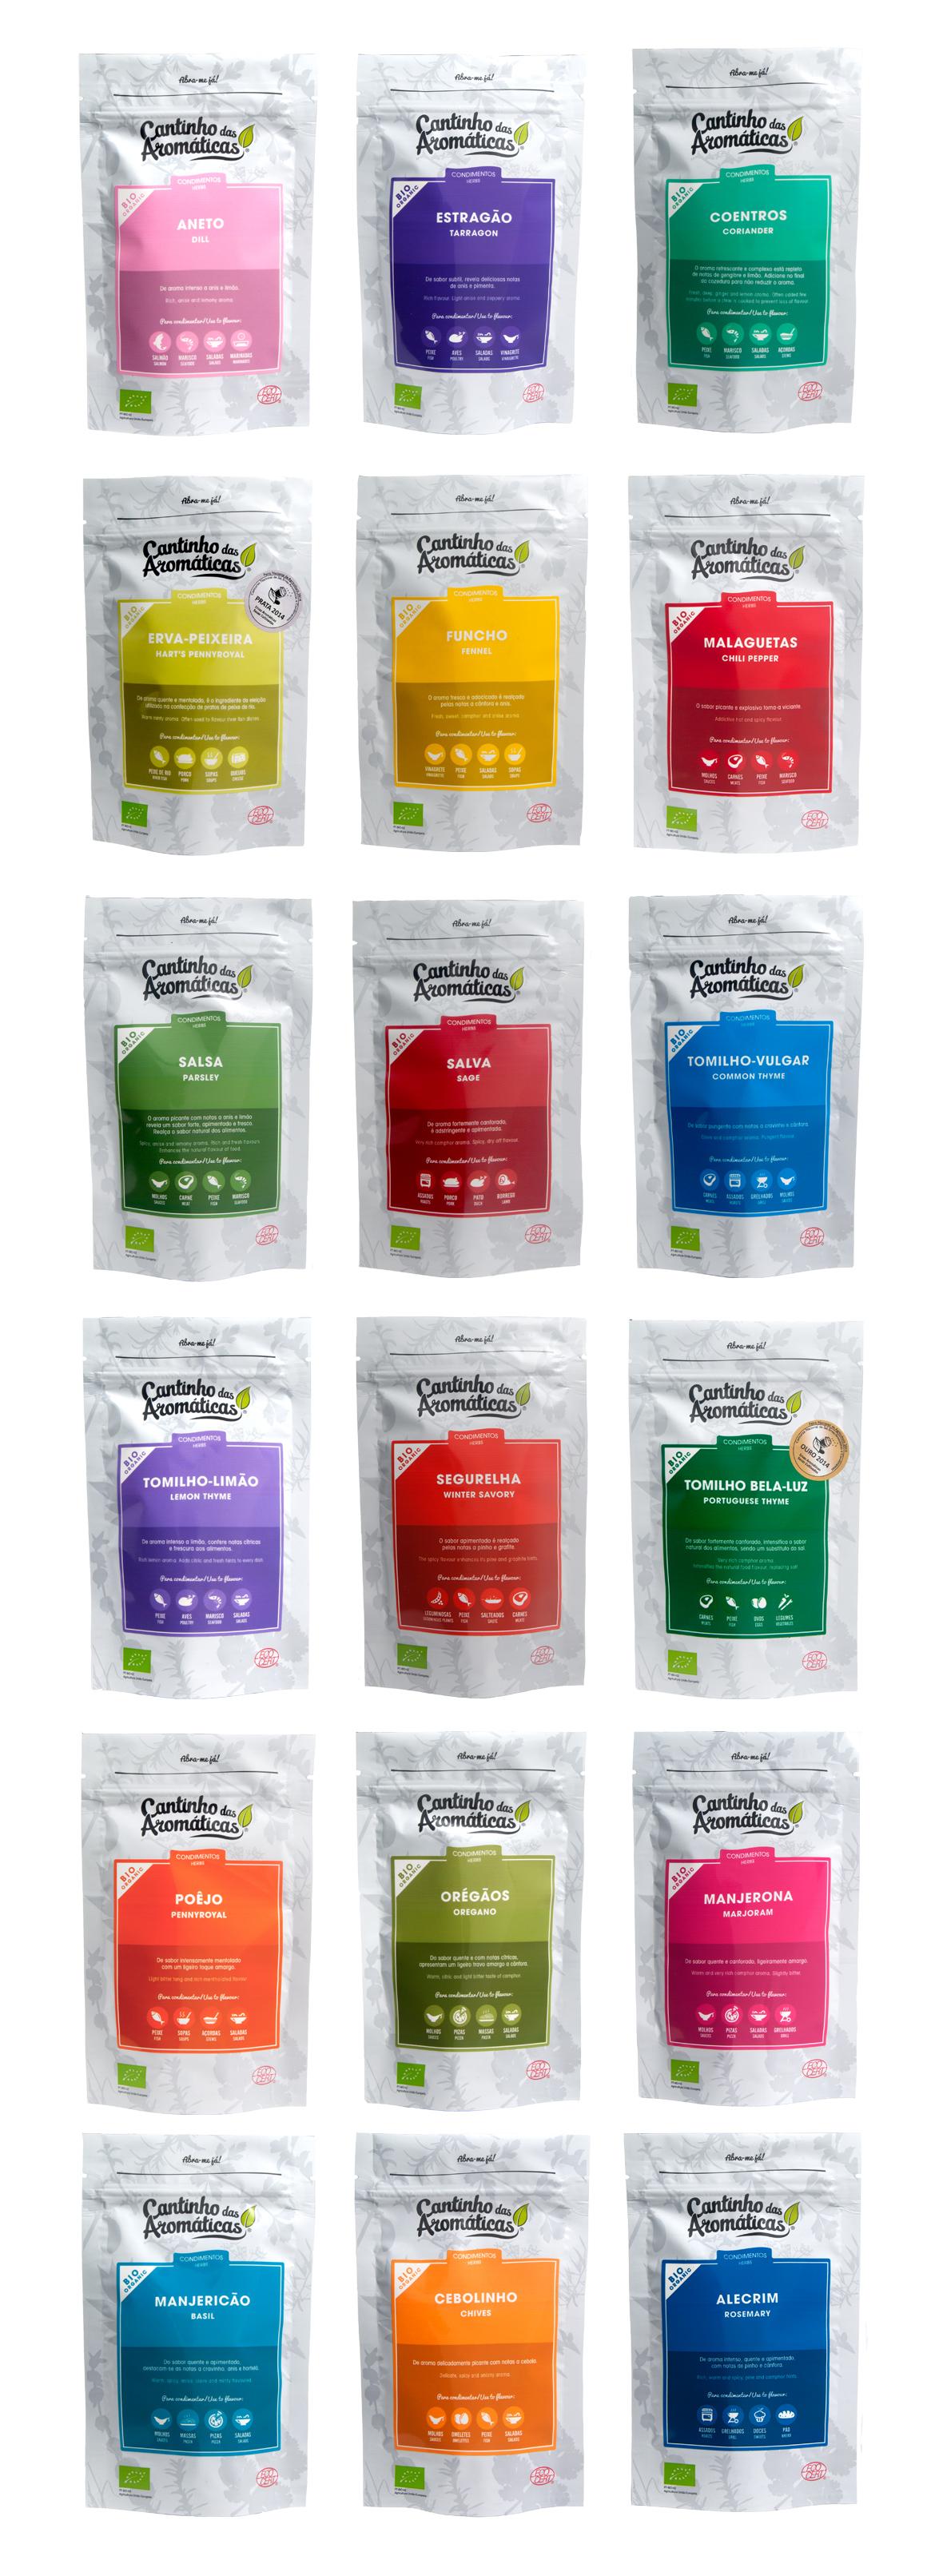 Design gráfico embalagem produção biológica